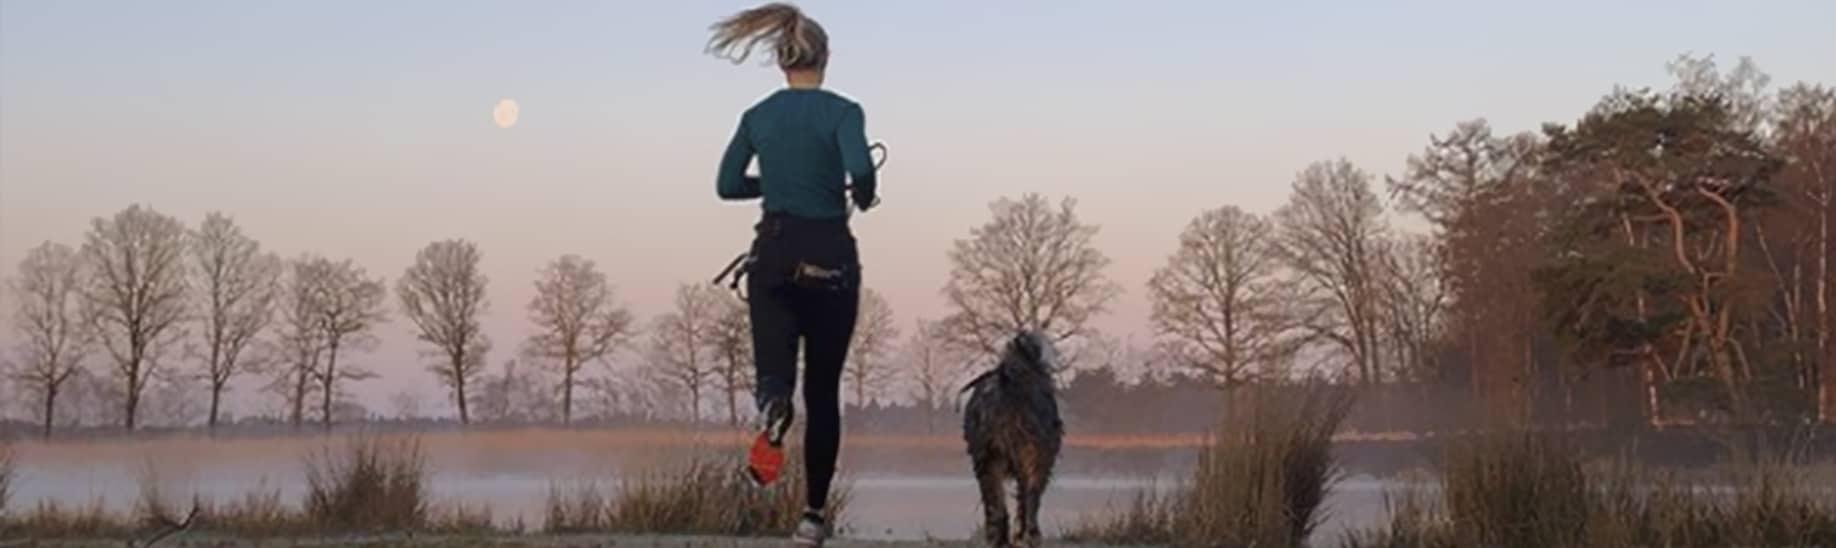 Canitrailen: hardlopen met je hond